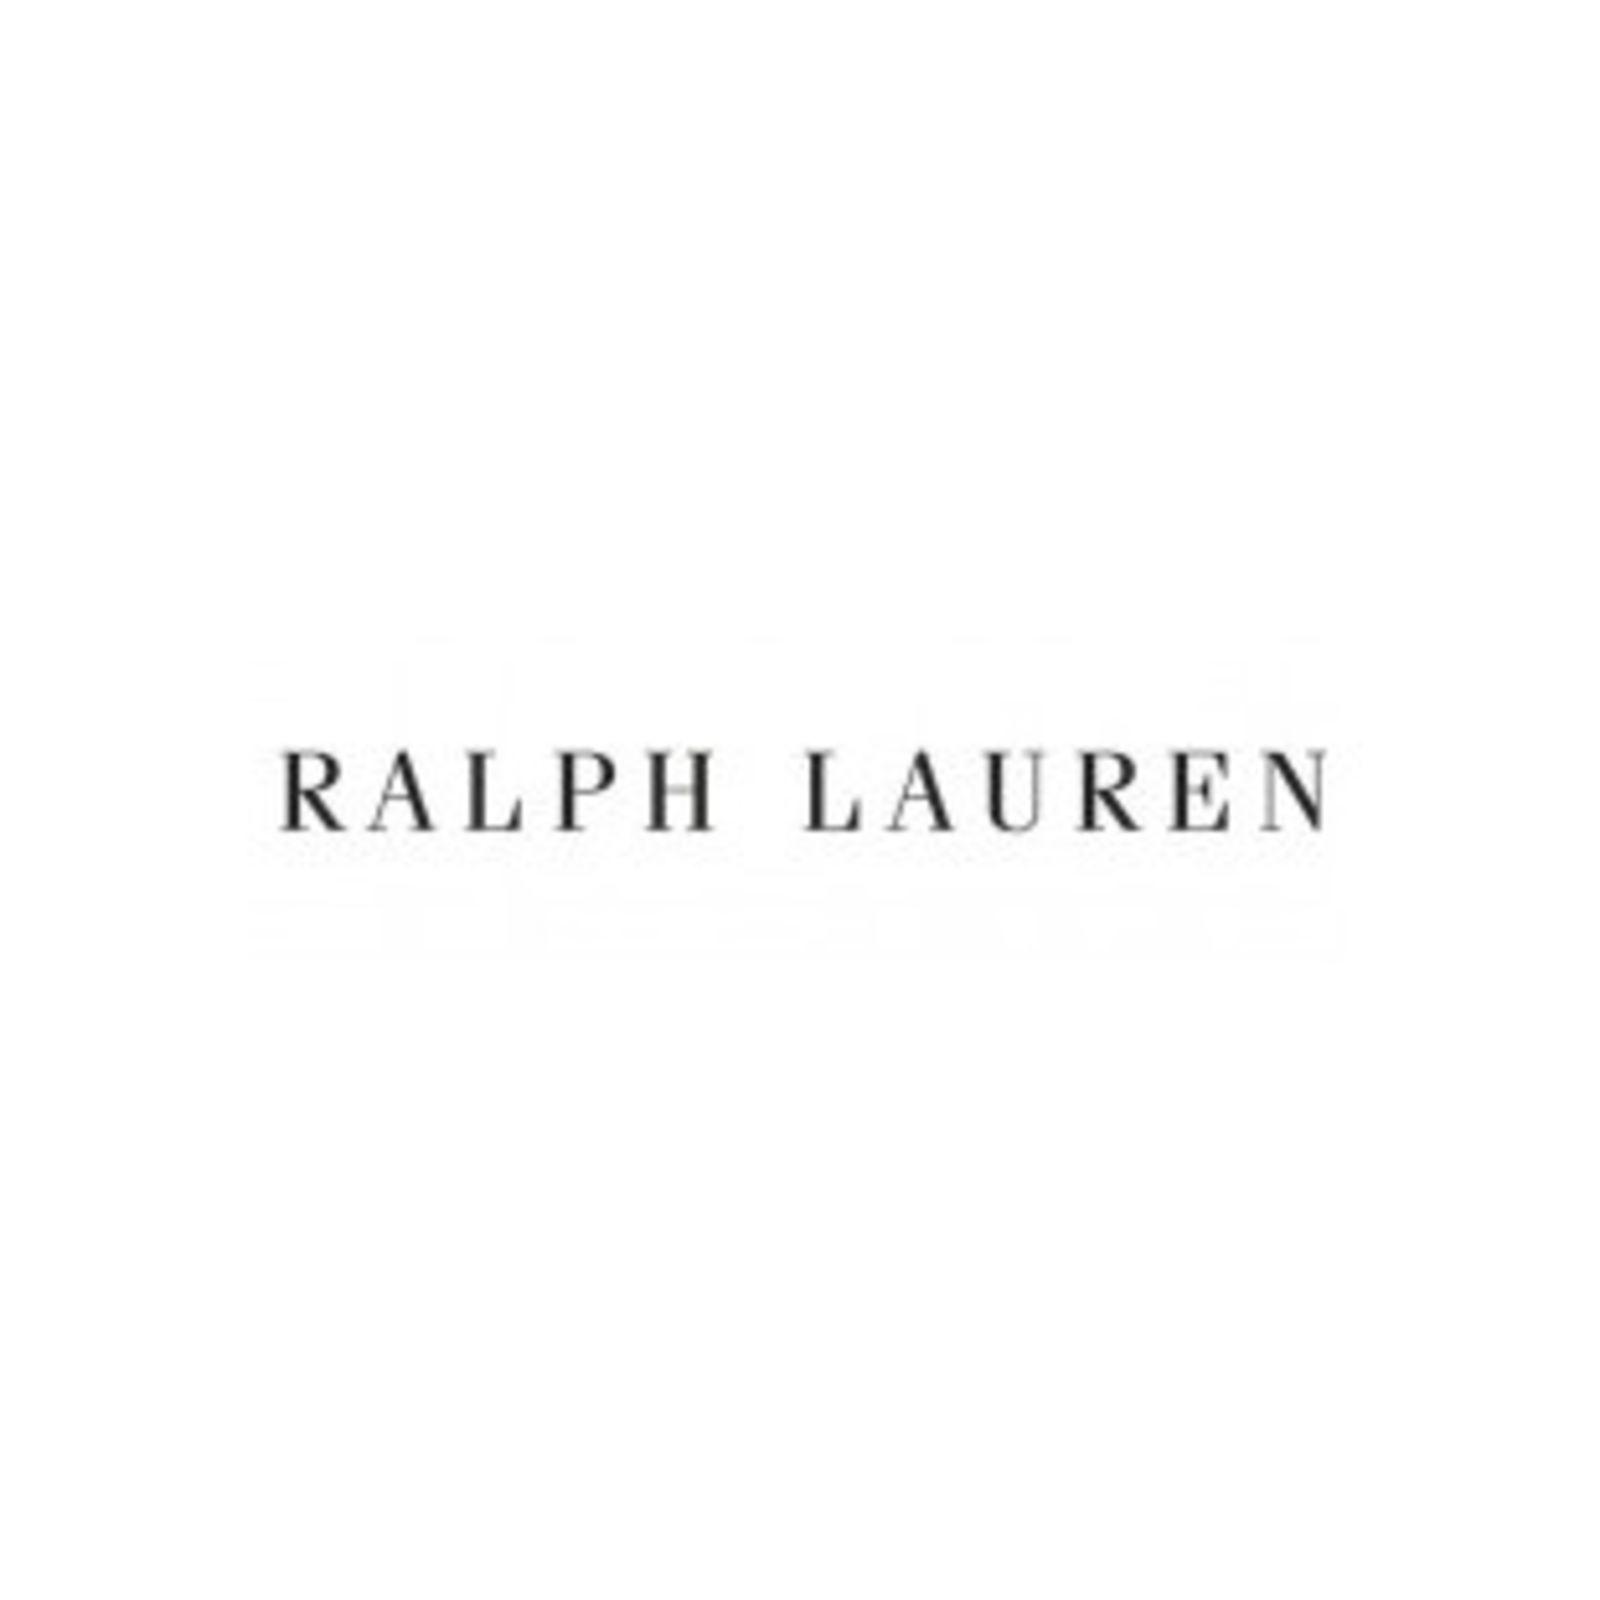 RALPH LAUREN (Image 1)